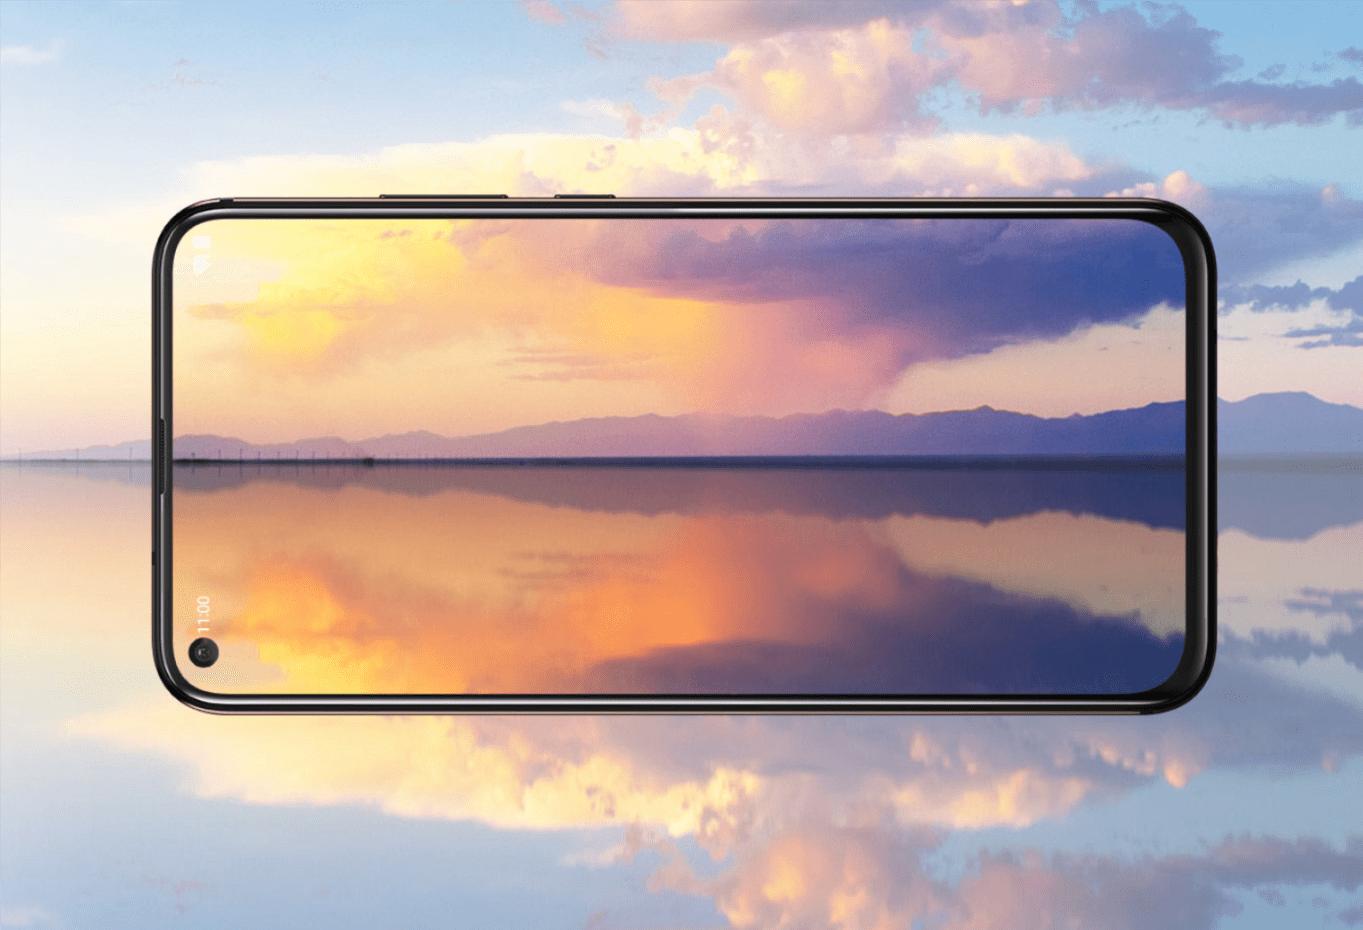 HMD Global poczyniło spory progres - tanie smartfony Nokii radzą sobie znakomicie 19